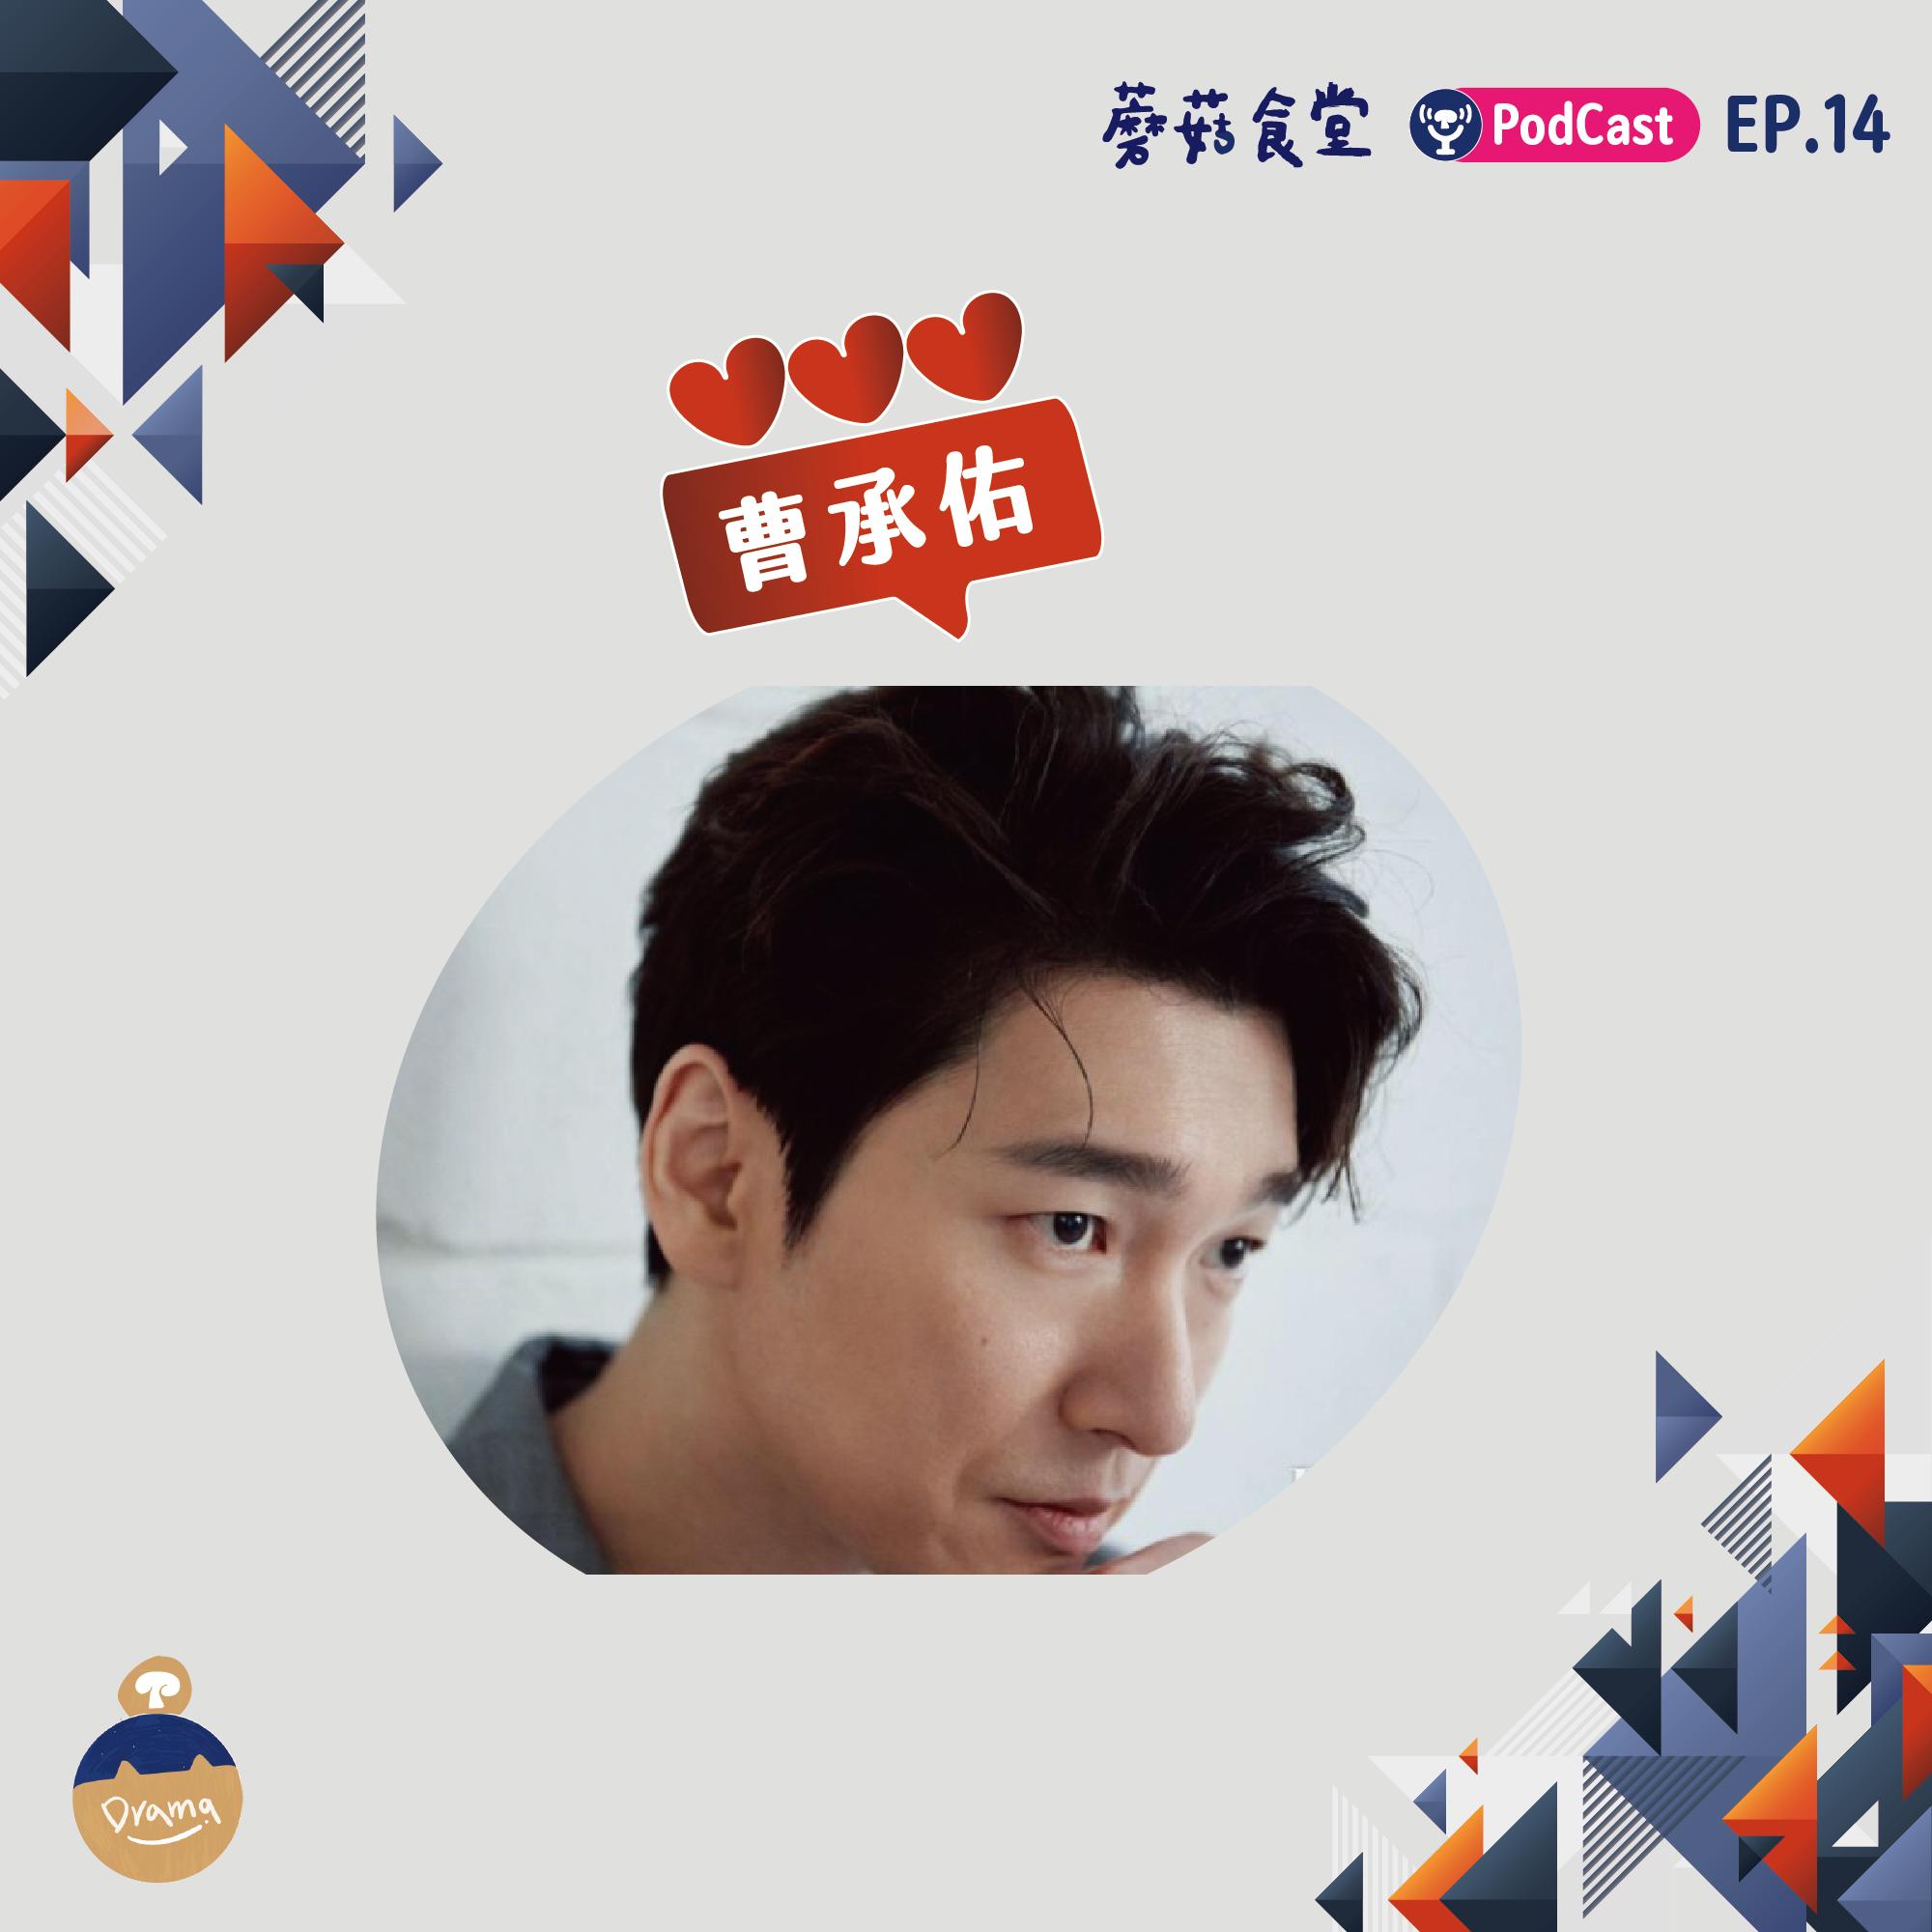 Ep14: 曹承佑|值得給予信任的演員  - 🎂 生日特輯